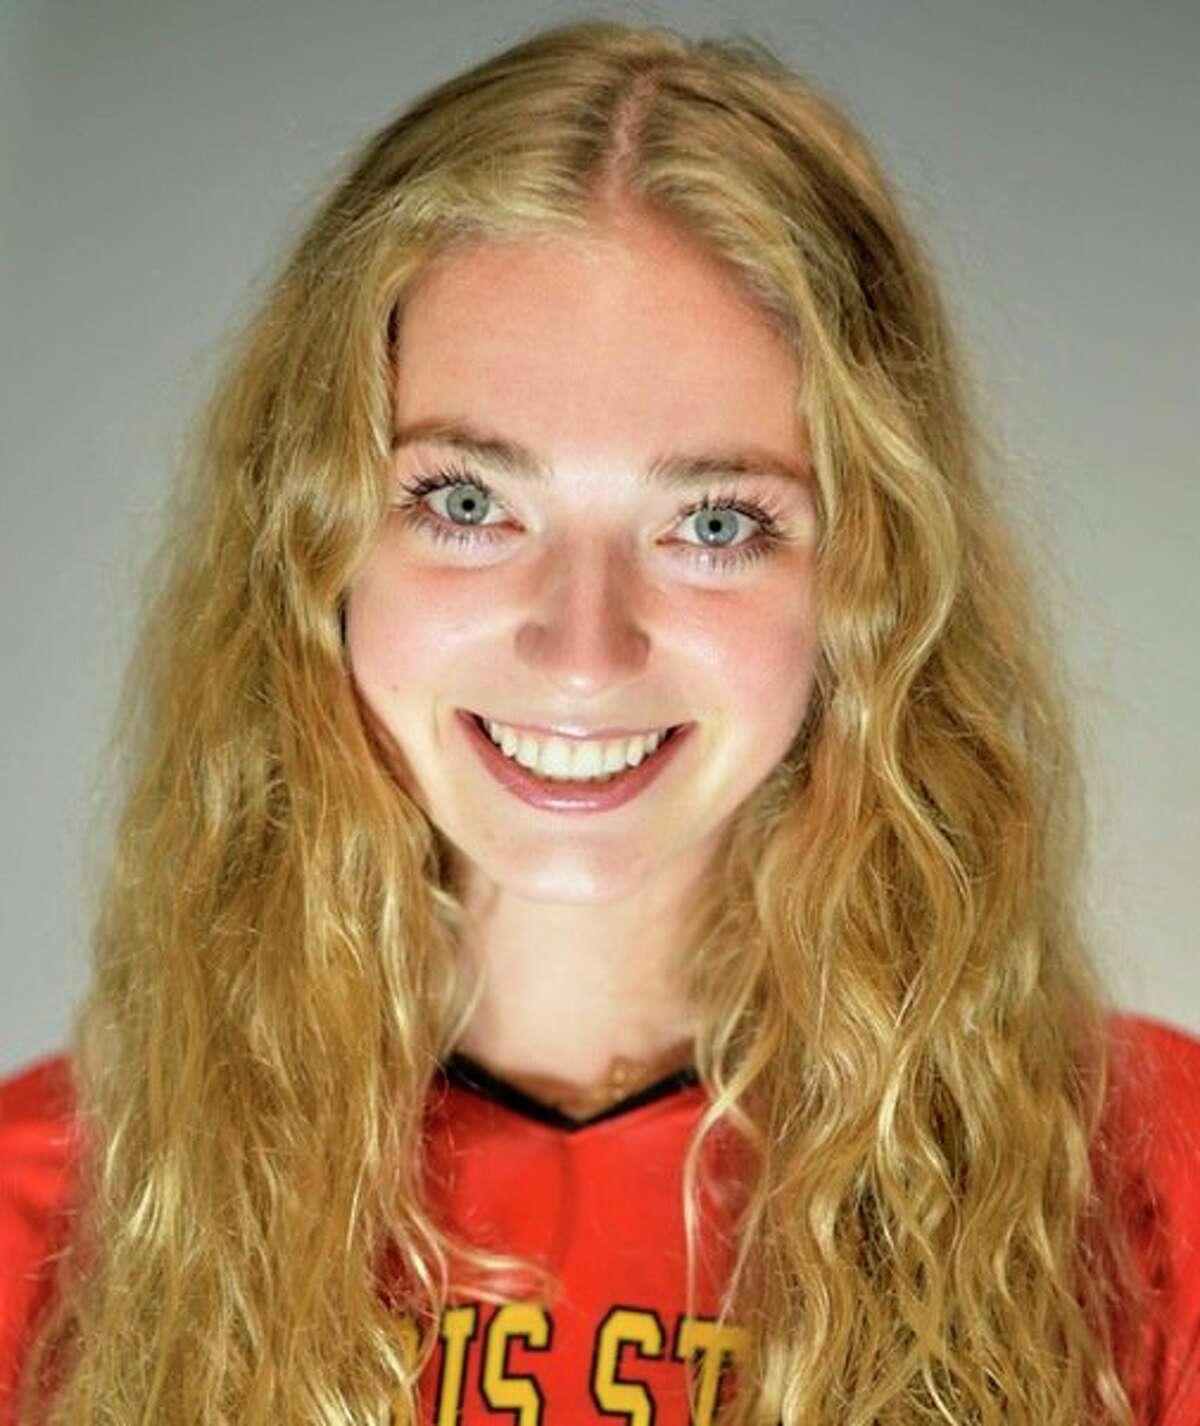 Samantha Hermann